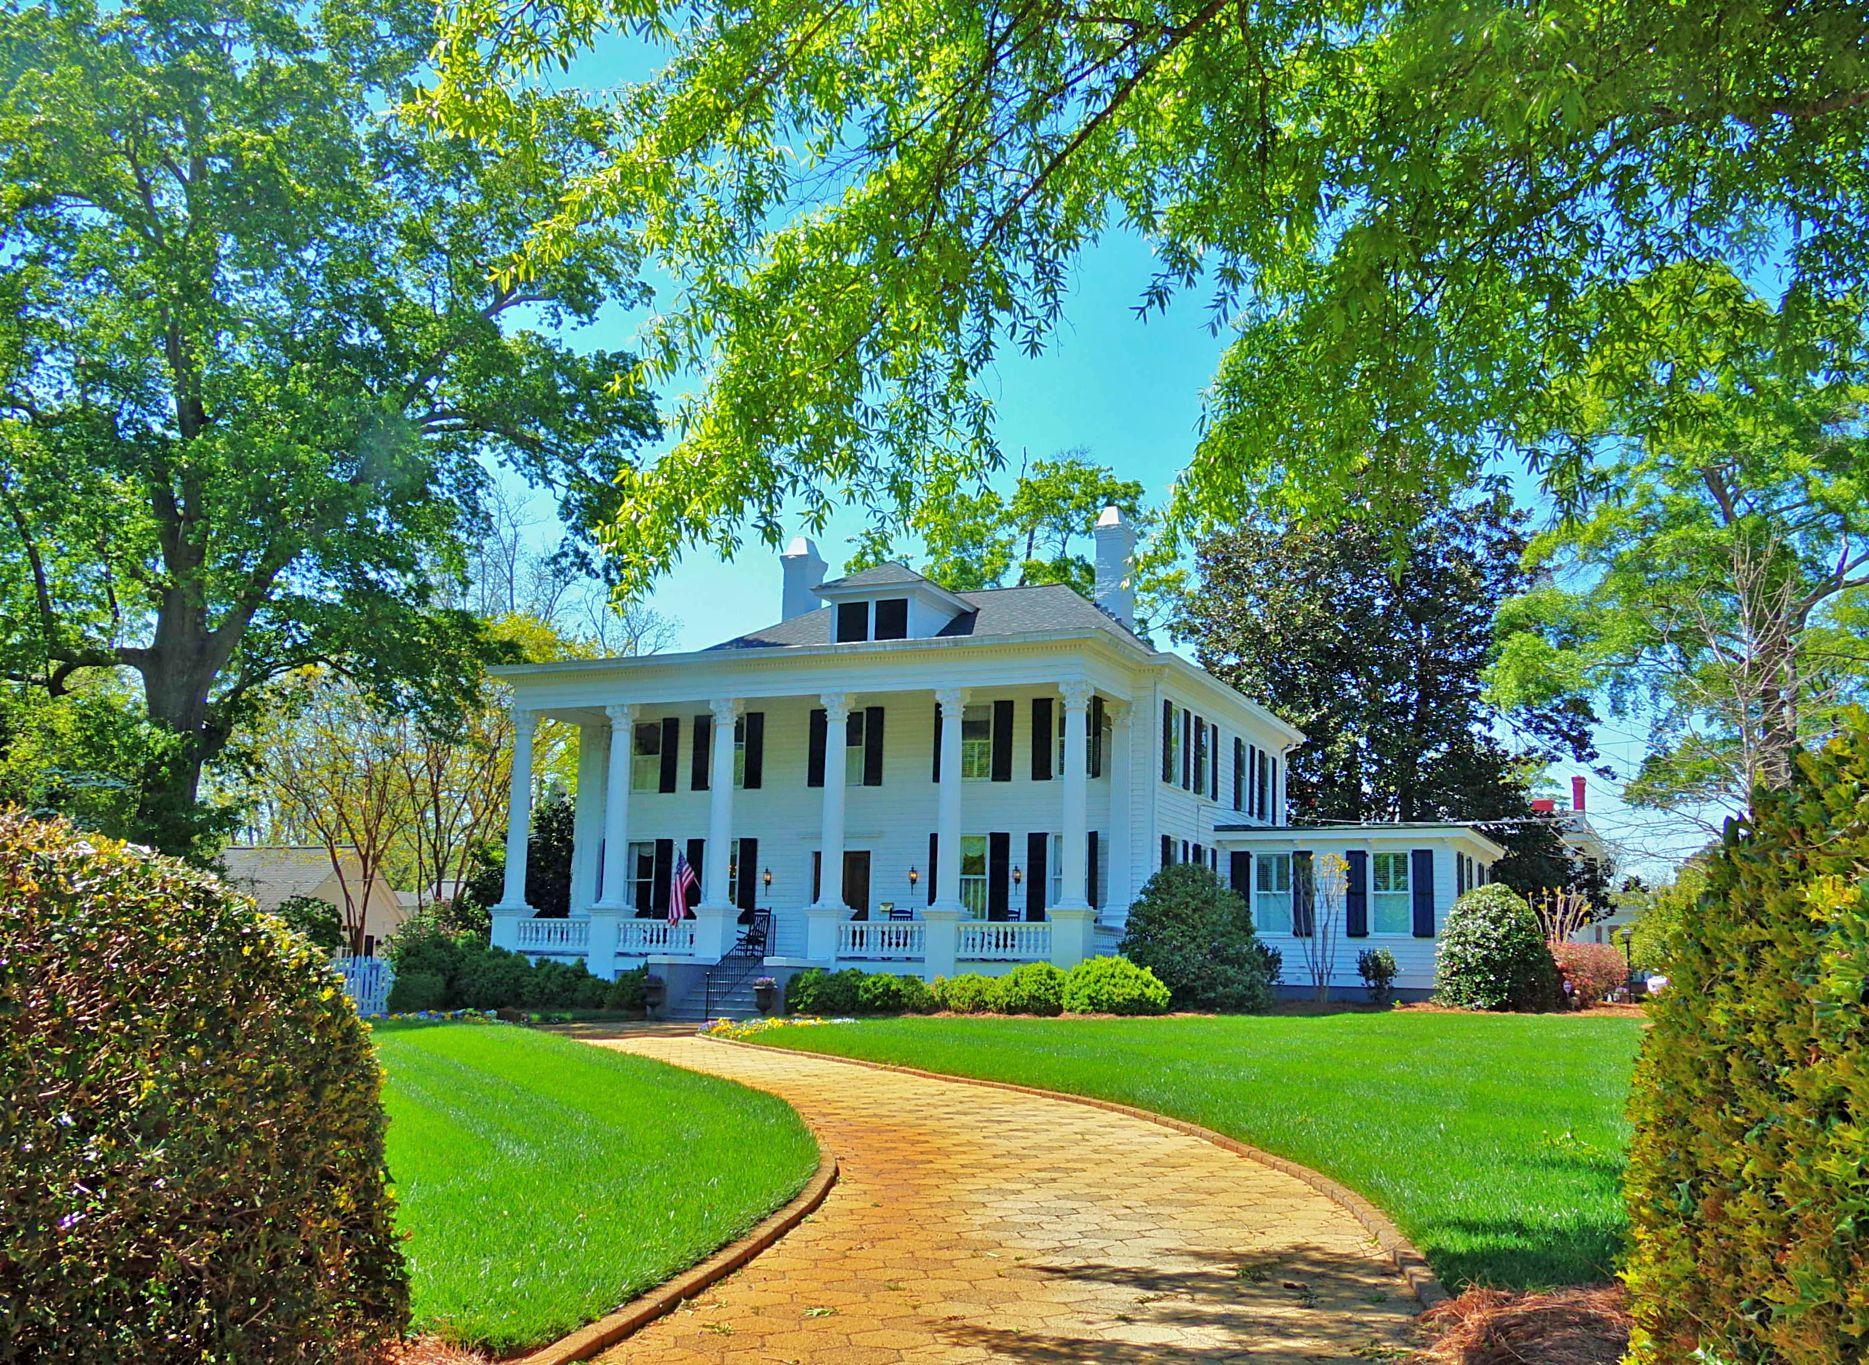 The Opulent Antebellum Mansions of Madison, Georgia ...